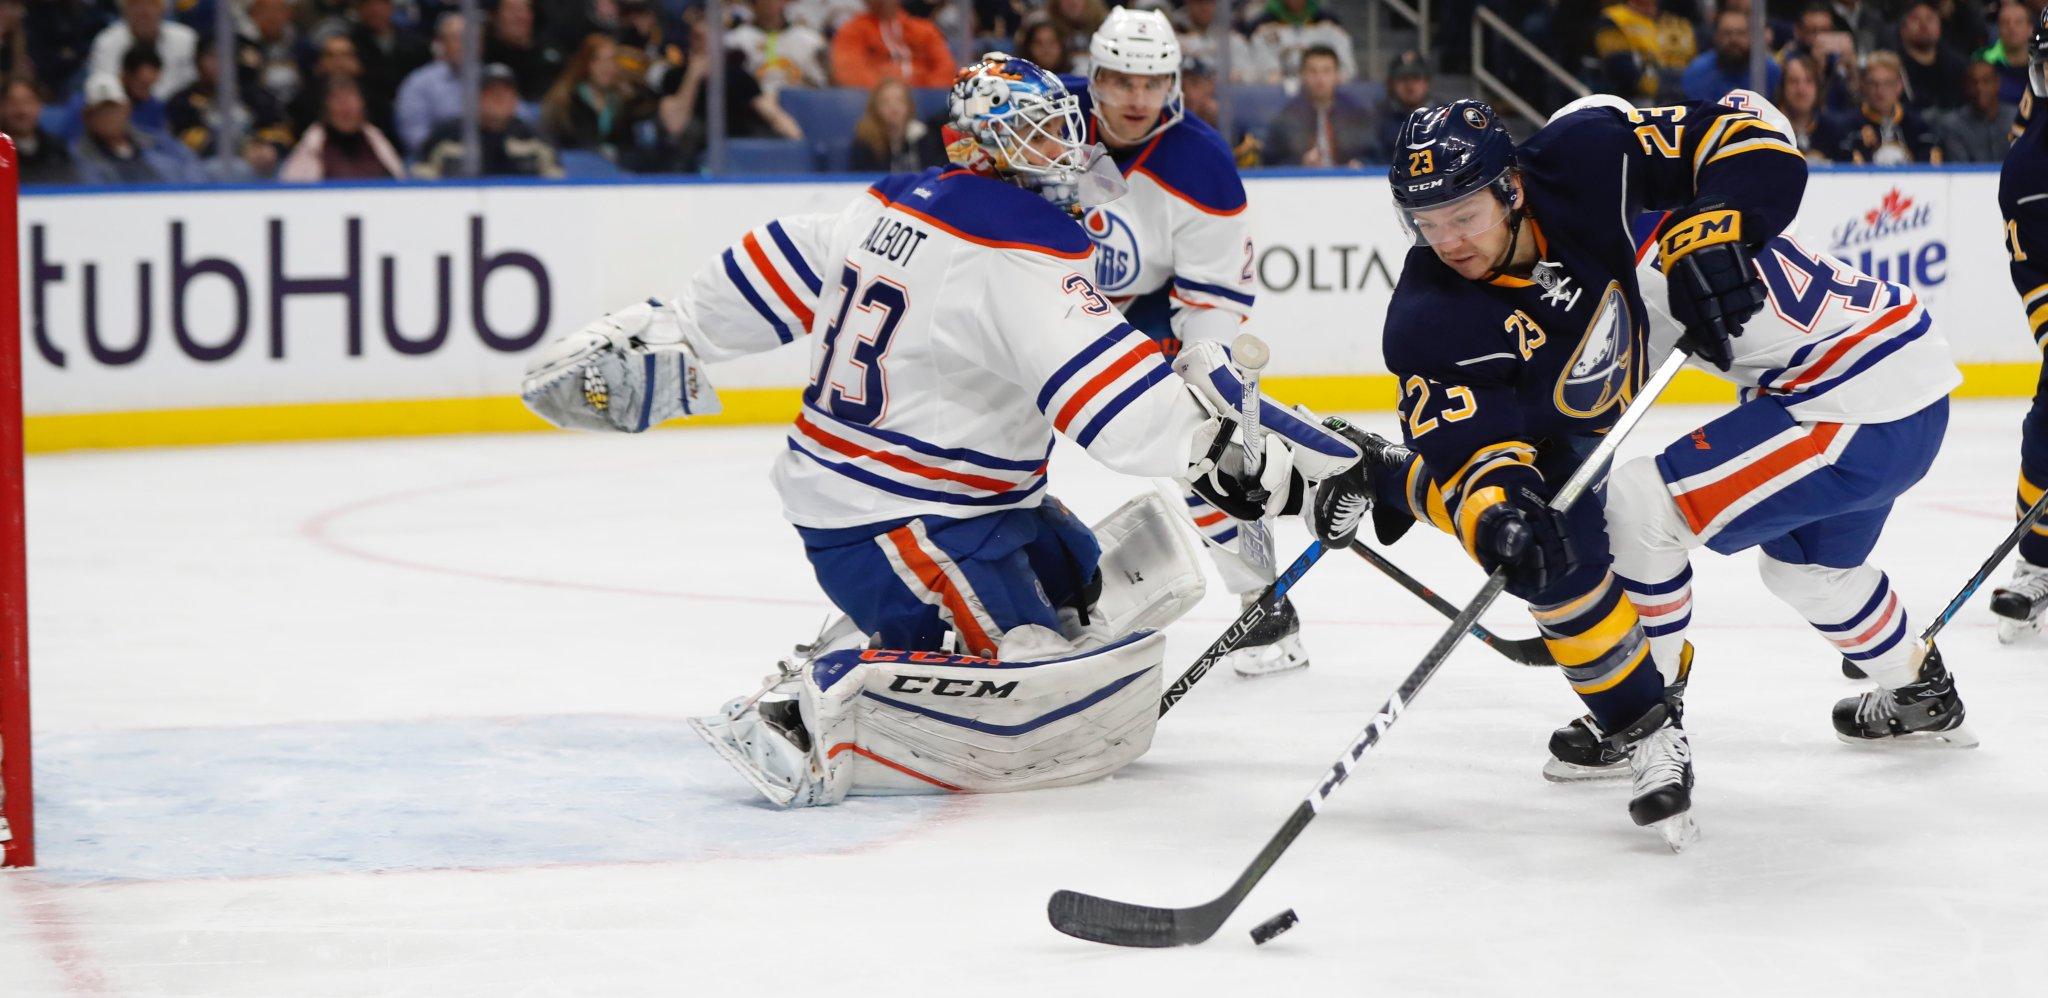 The Sabres' Sam Reinhart can't get a power-play shot past Edmonton goalie Cam Talbot (Harry Scull Jr./Buffalo News)